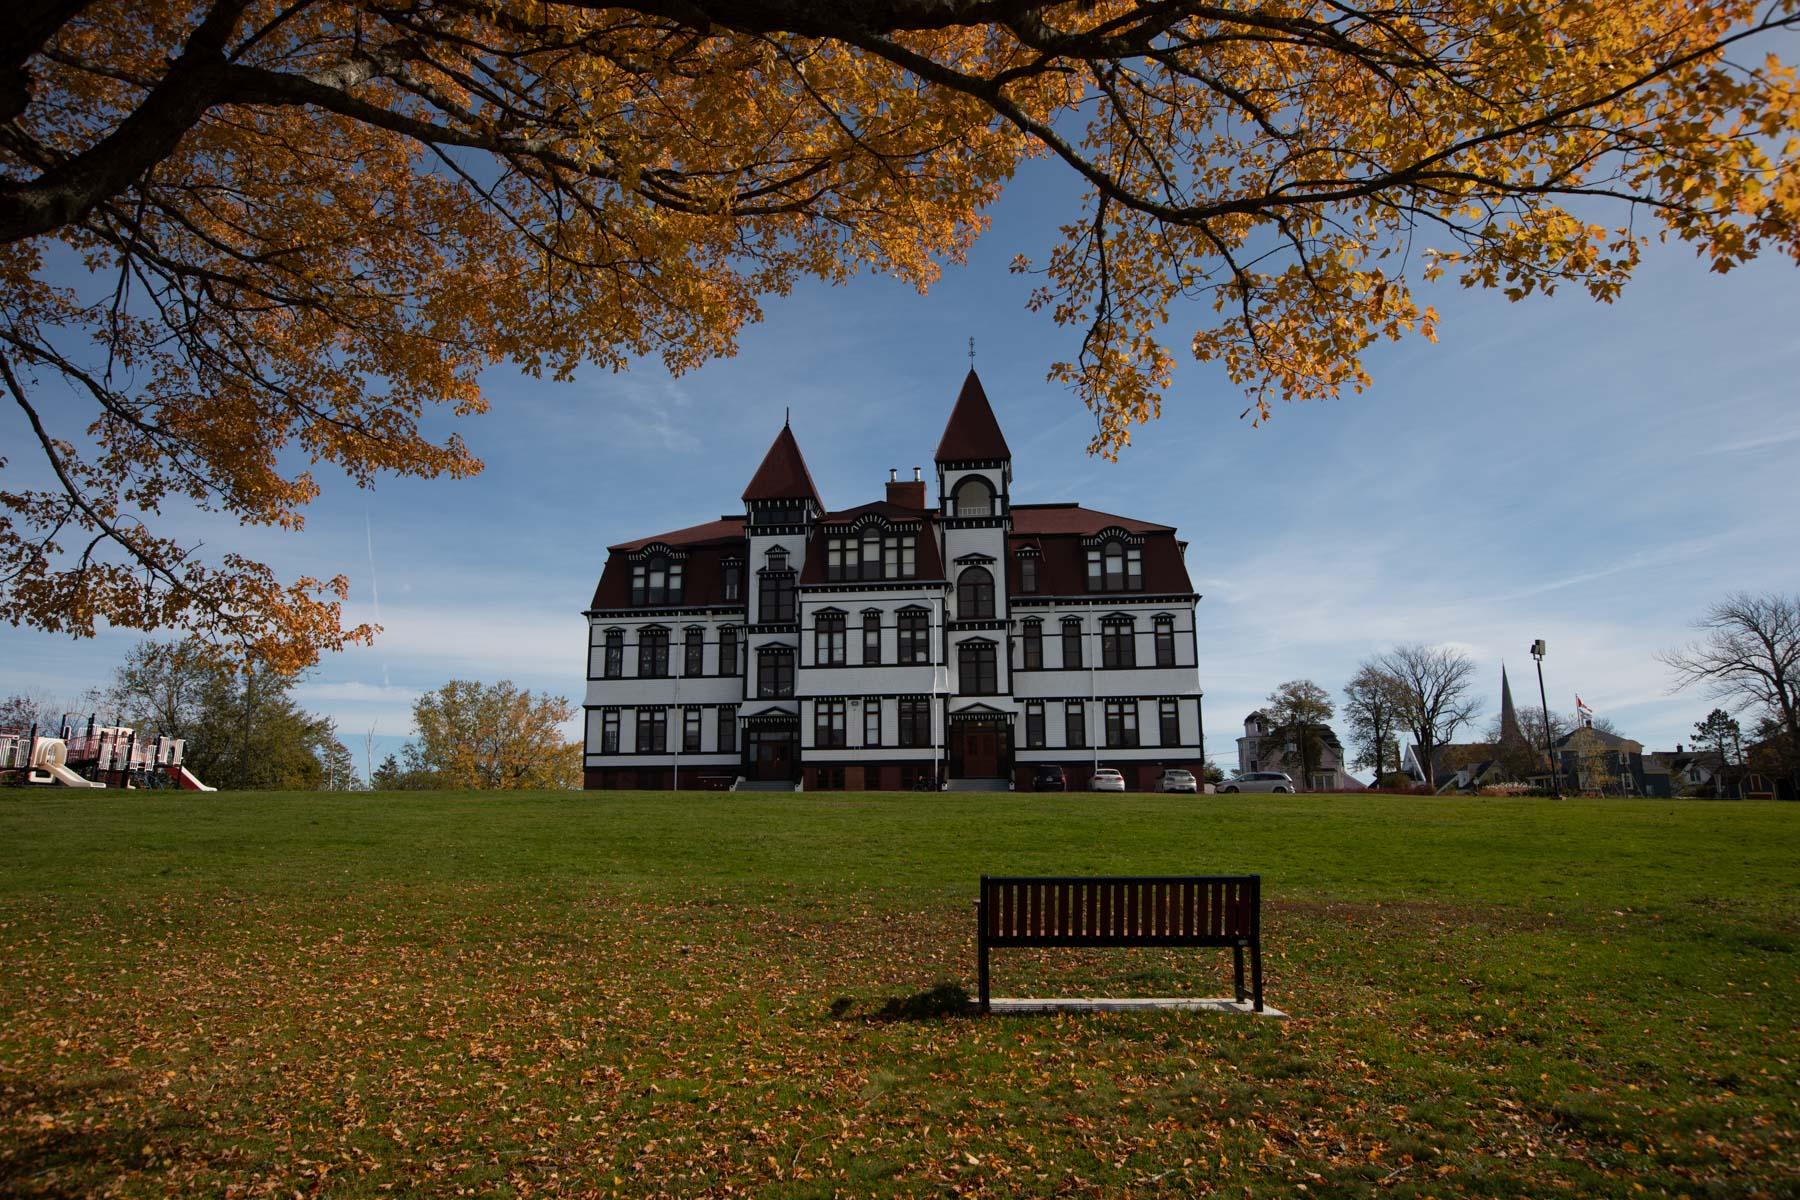 Lunenburg Academy & Seat, Nova Scotia, Canada